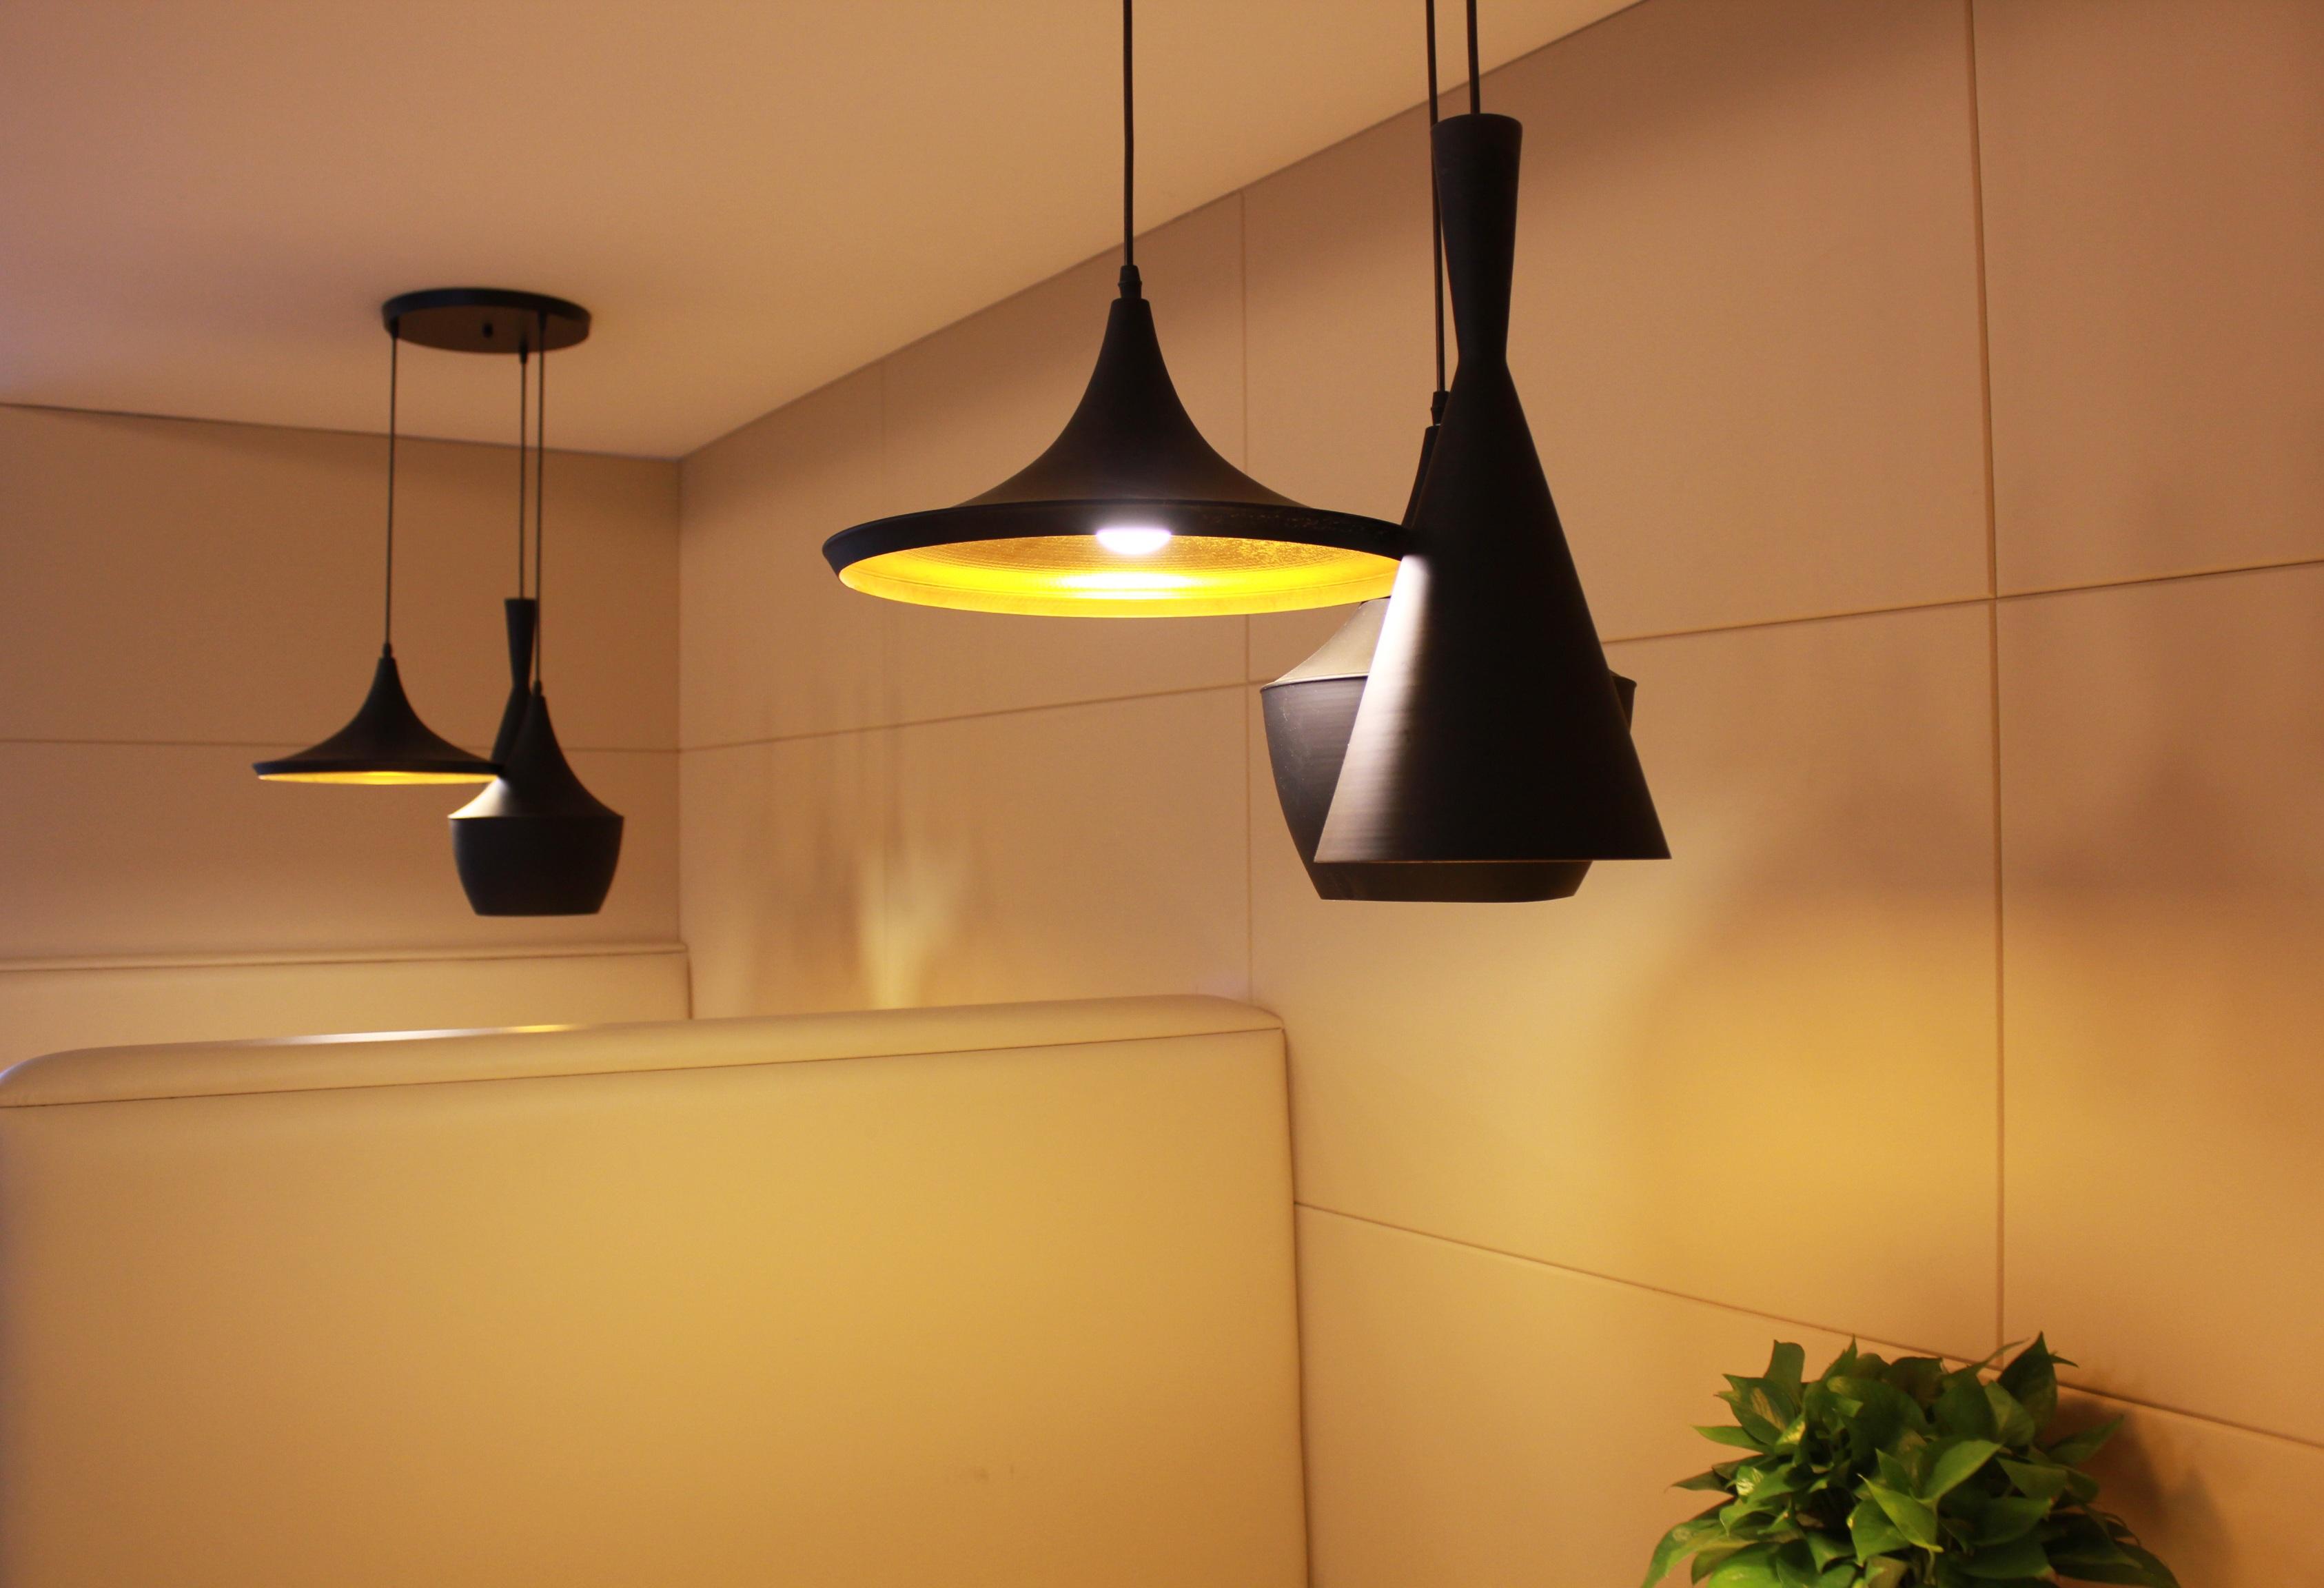 Images Gratuites : lumière, mur, plafond, lampe, chambre, éclairage ...